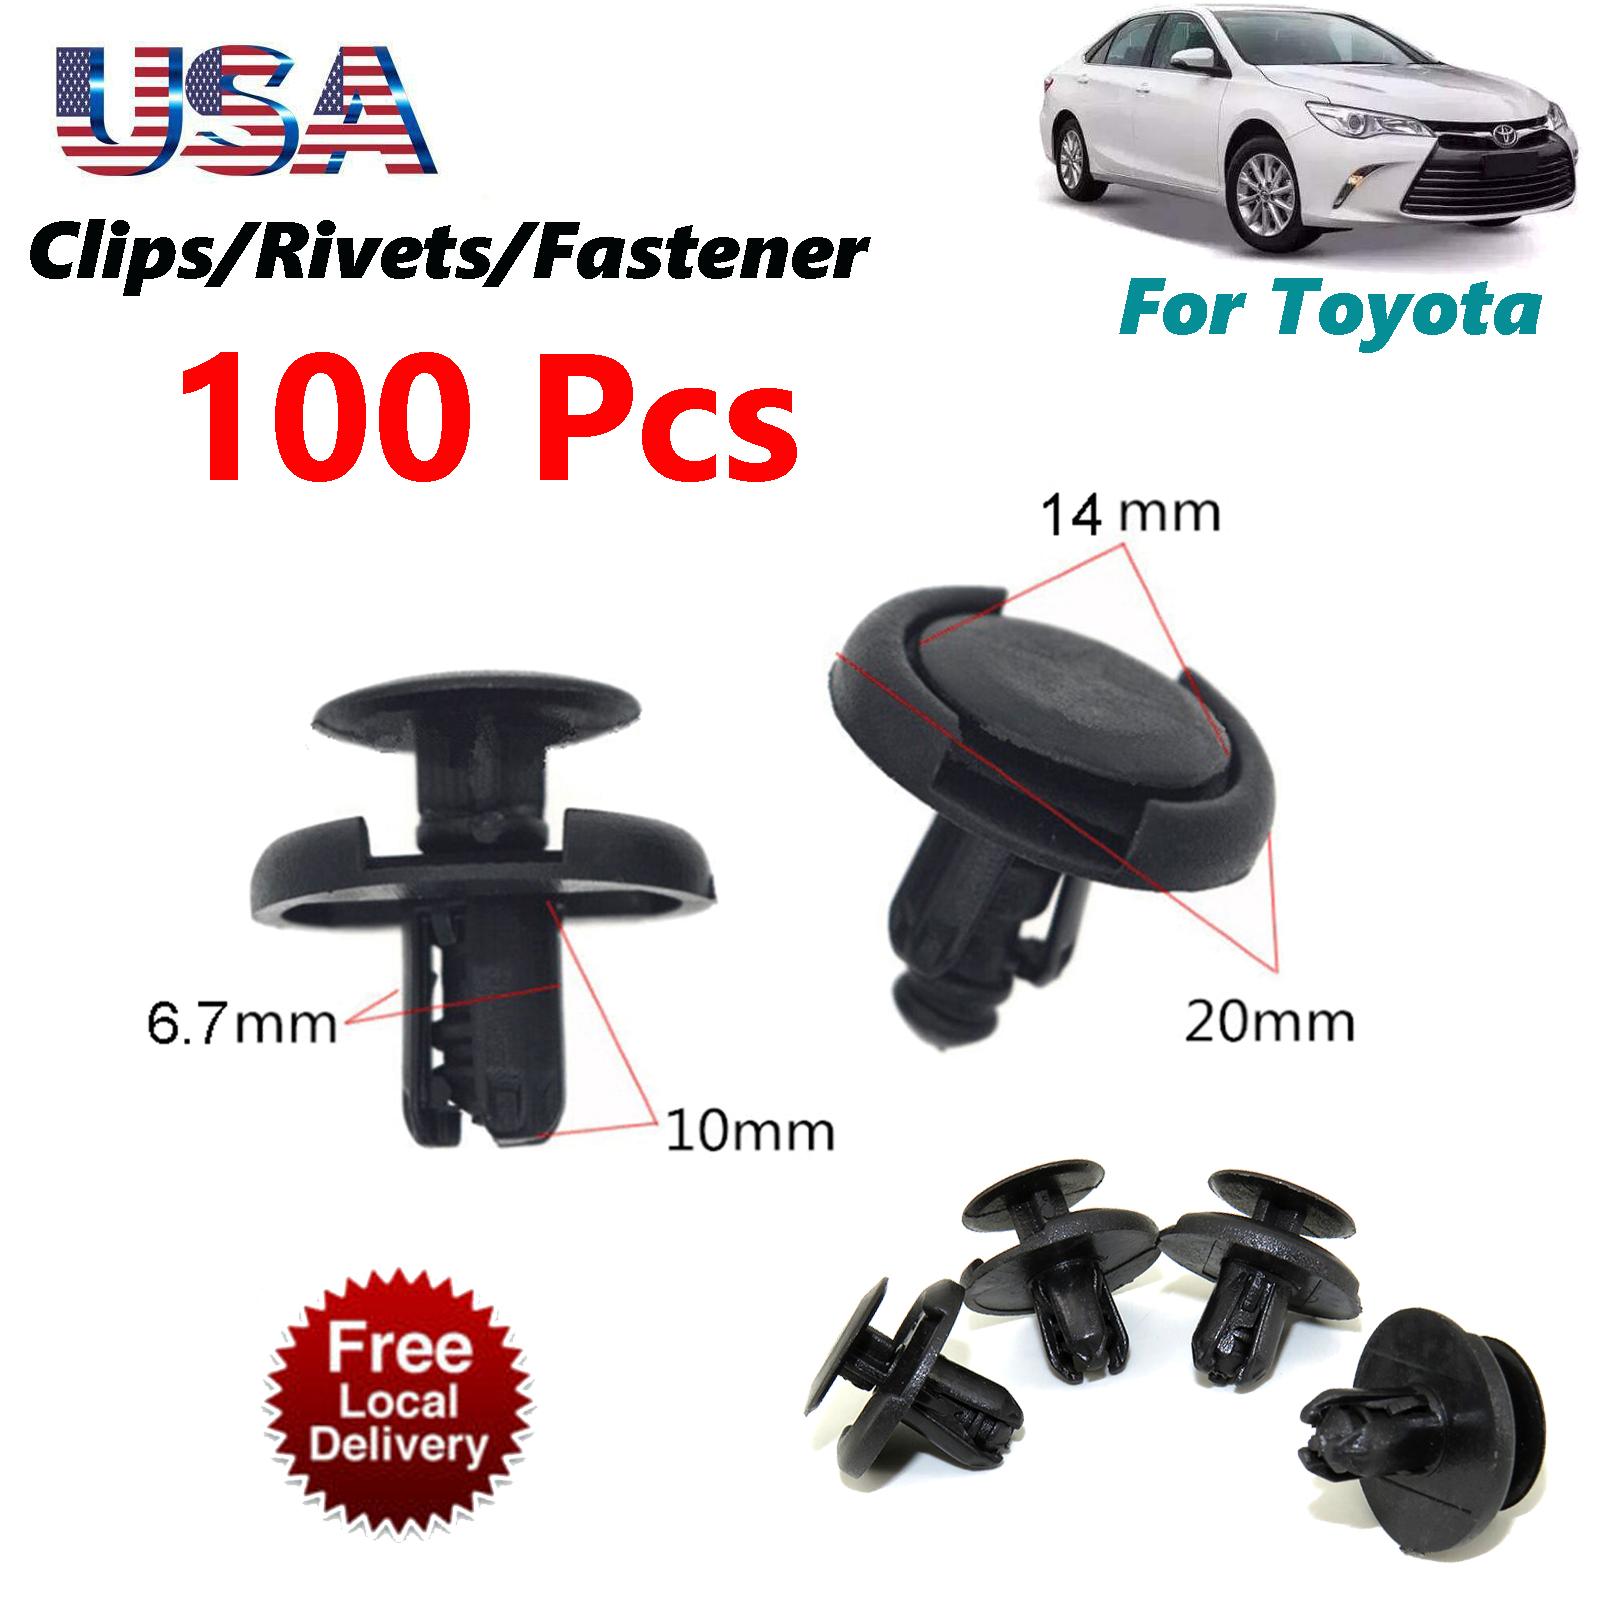 100Pcs 7mm Hole Fender Liner Fastener Rivet Push Clips Retainer For Toyota